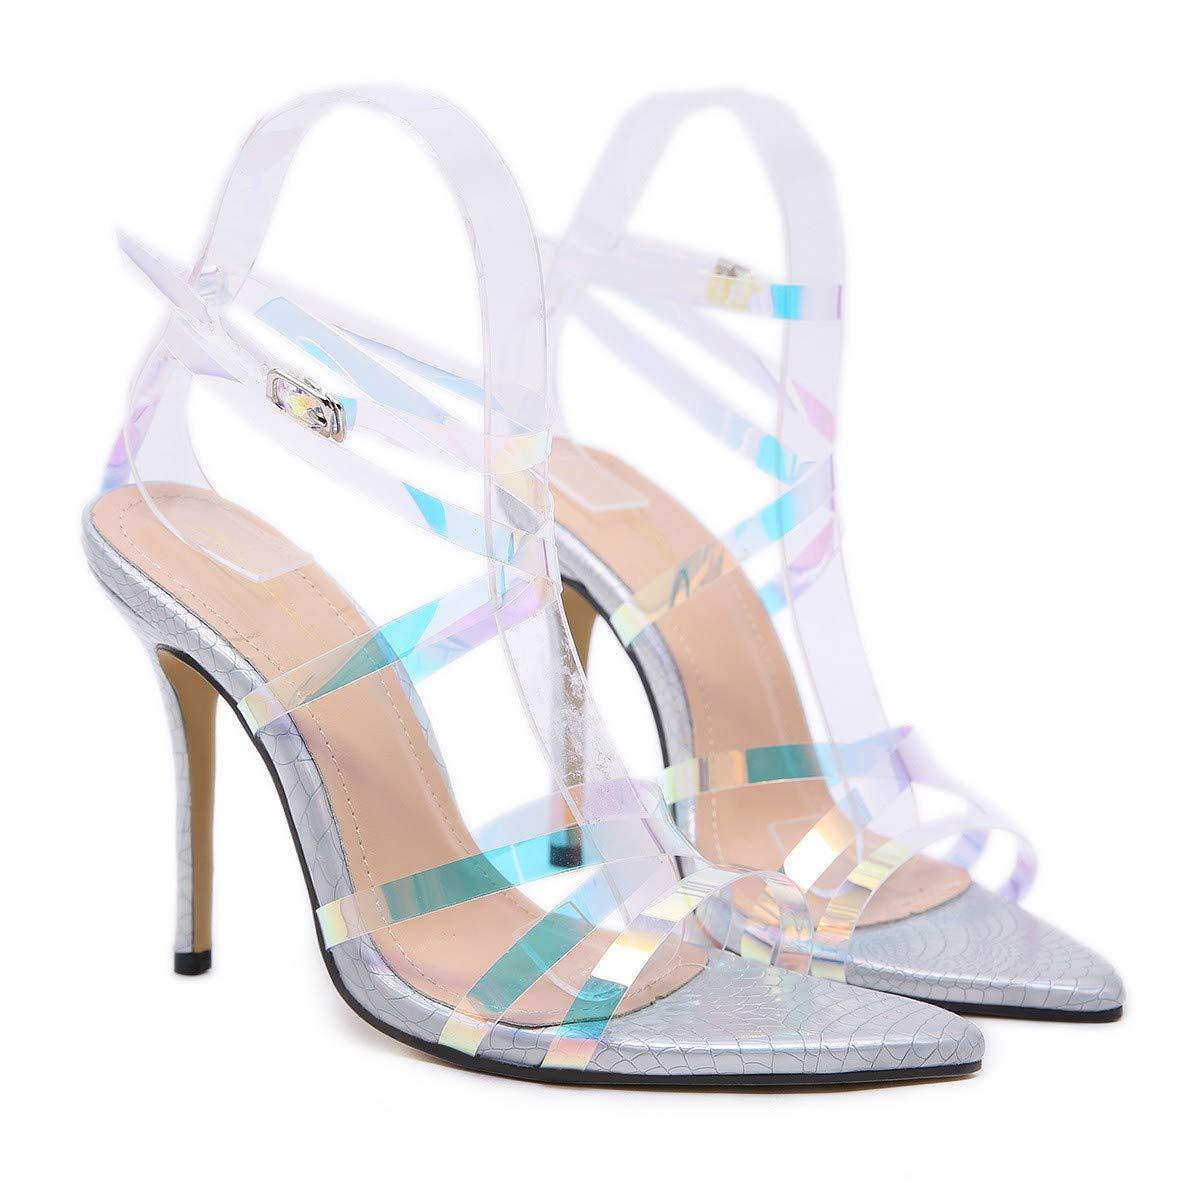 HBDLH Damenschuhe/Gut Bei Fuß Sagte Sandaleen Sommer Strahlende Rom 12Cm High - Heel Die Silbernen 35